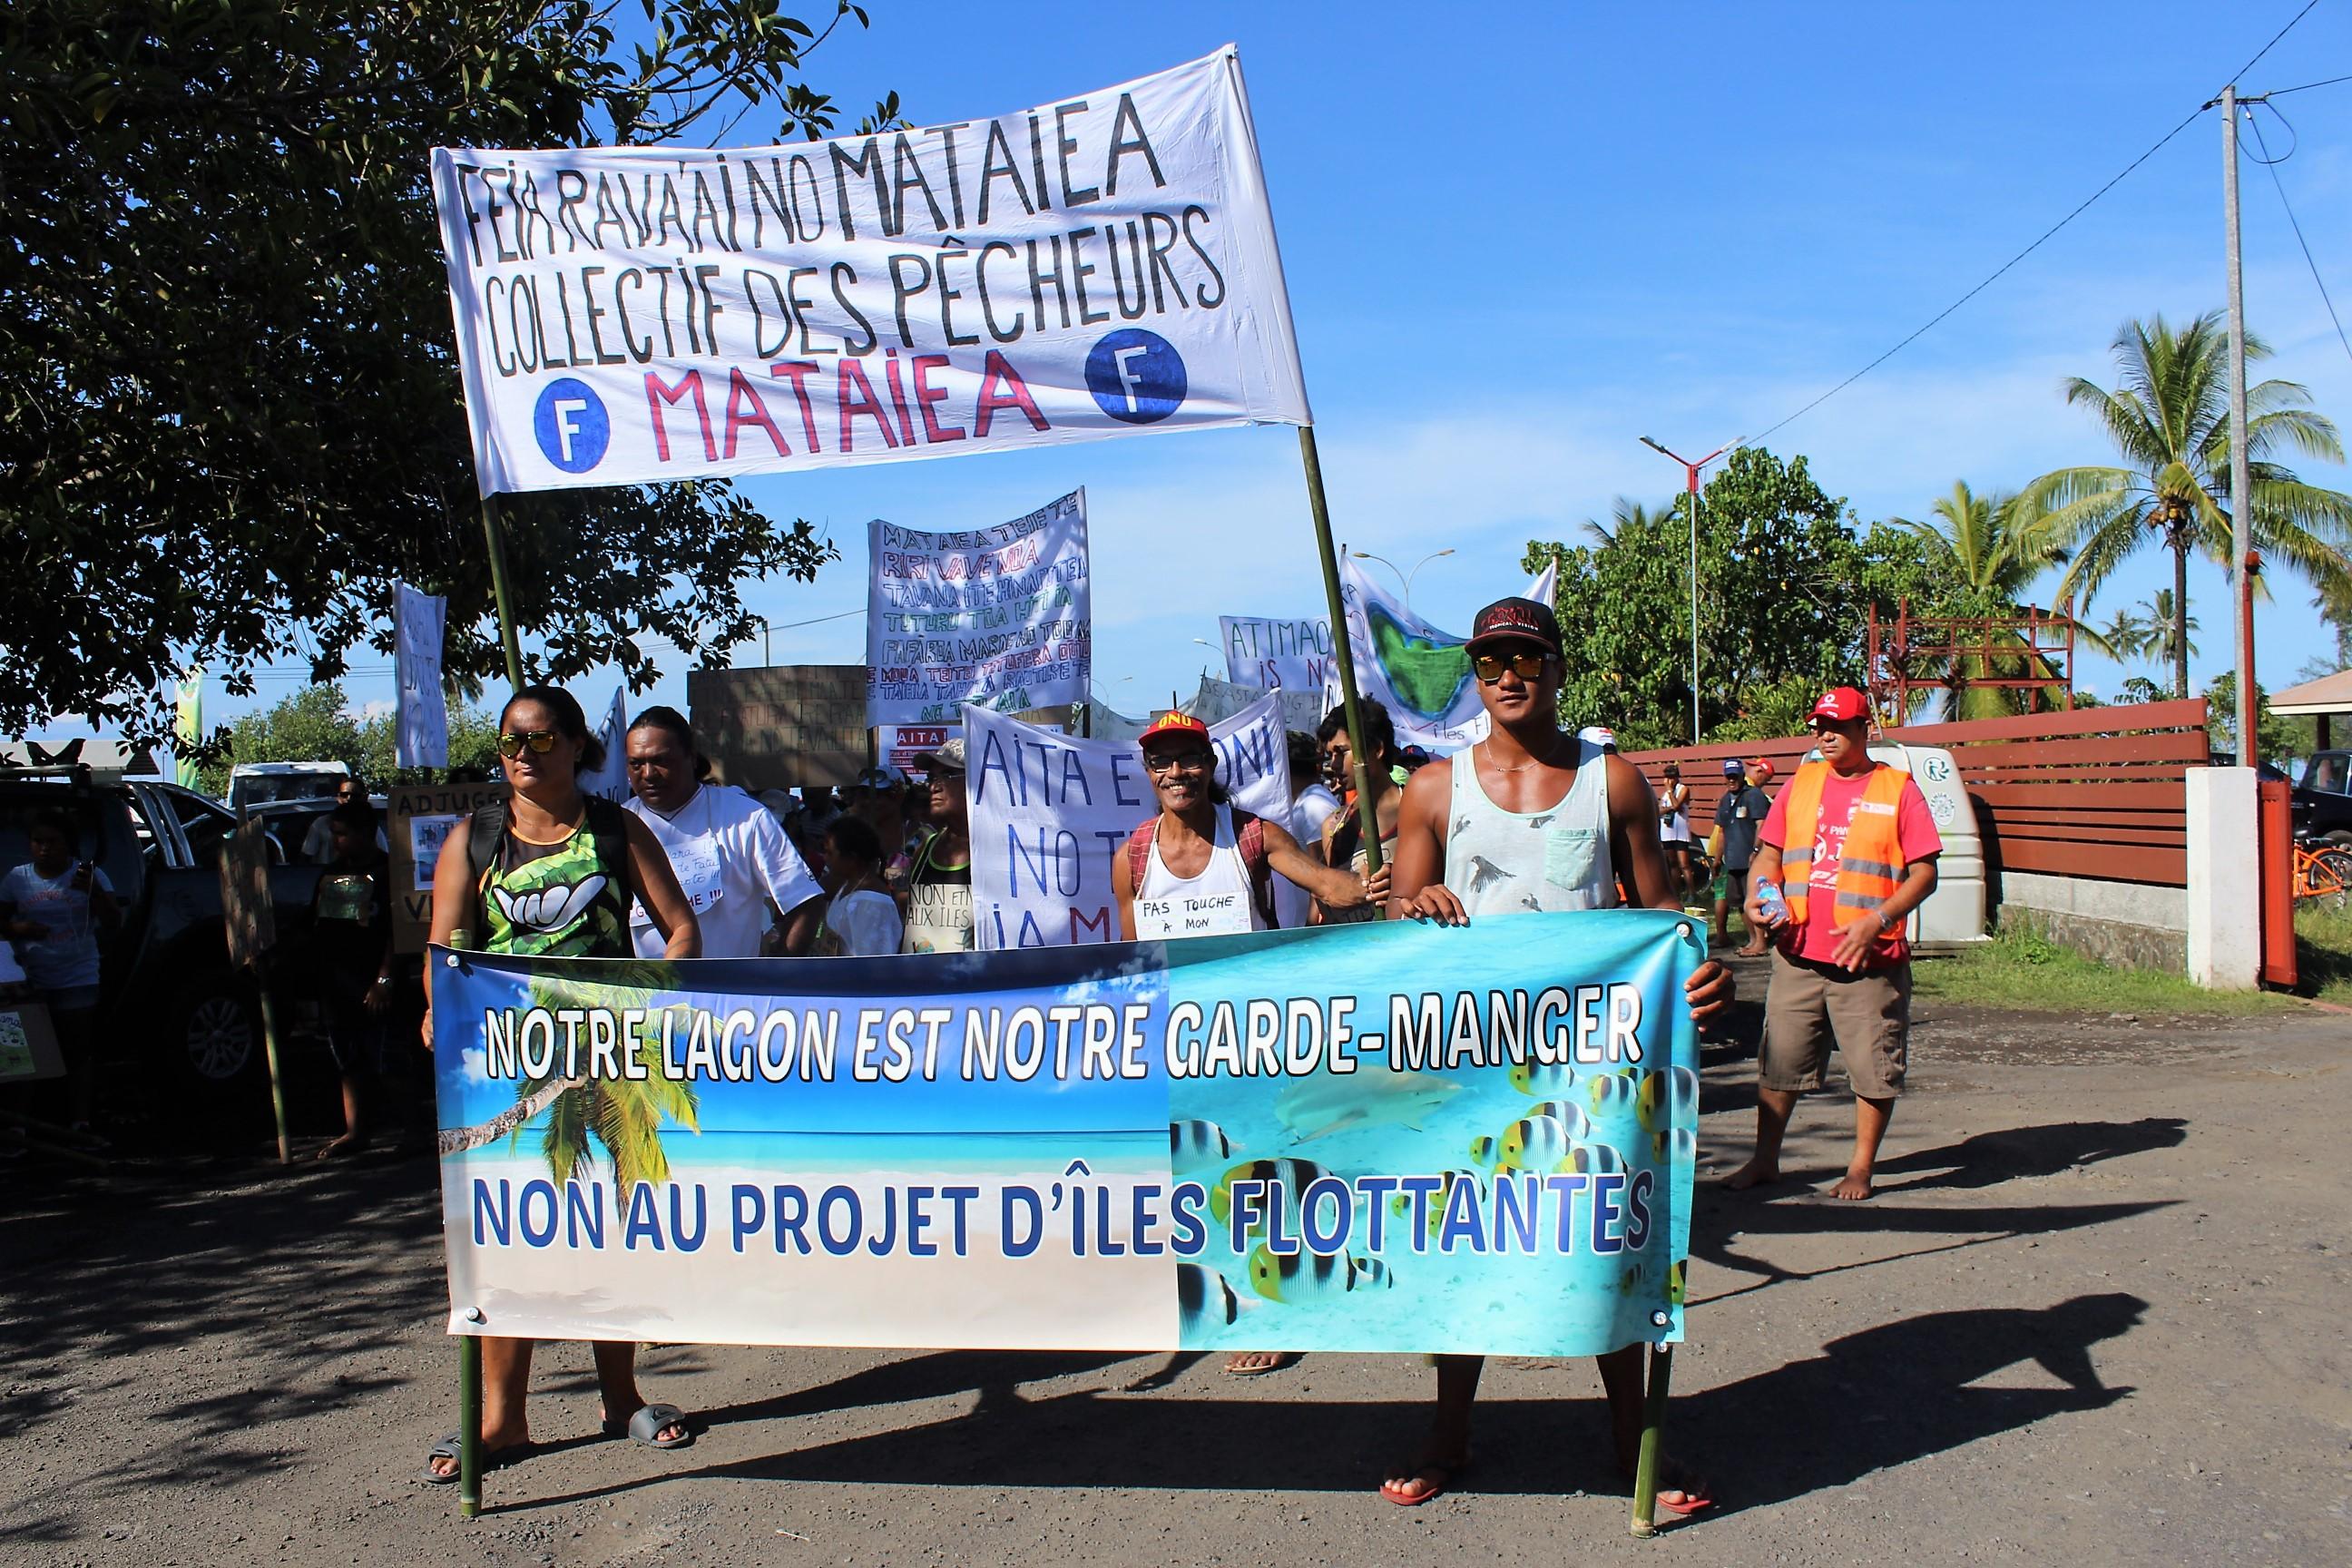 """Environ 200 personnes étaient présentes samedi matin à la marche lancée par collectif """"des pêcheurs de Mataiea."""